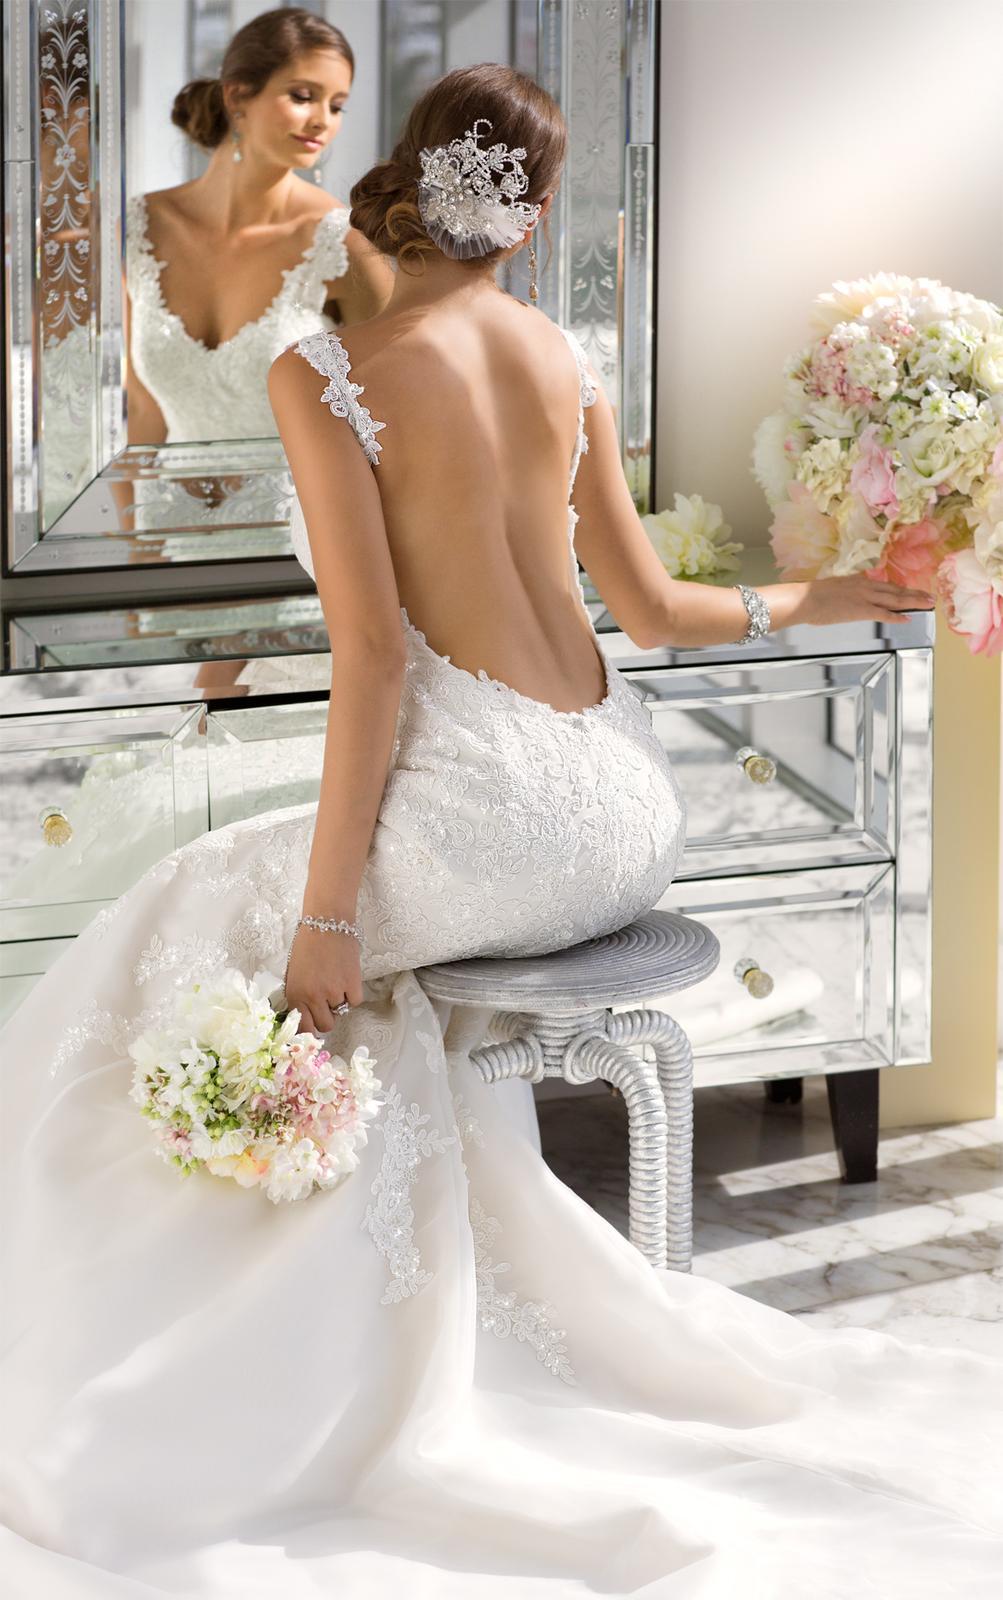 Svadobné šaty, čo sa mi páčia :) - Obrázok č. 75